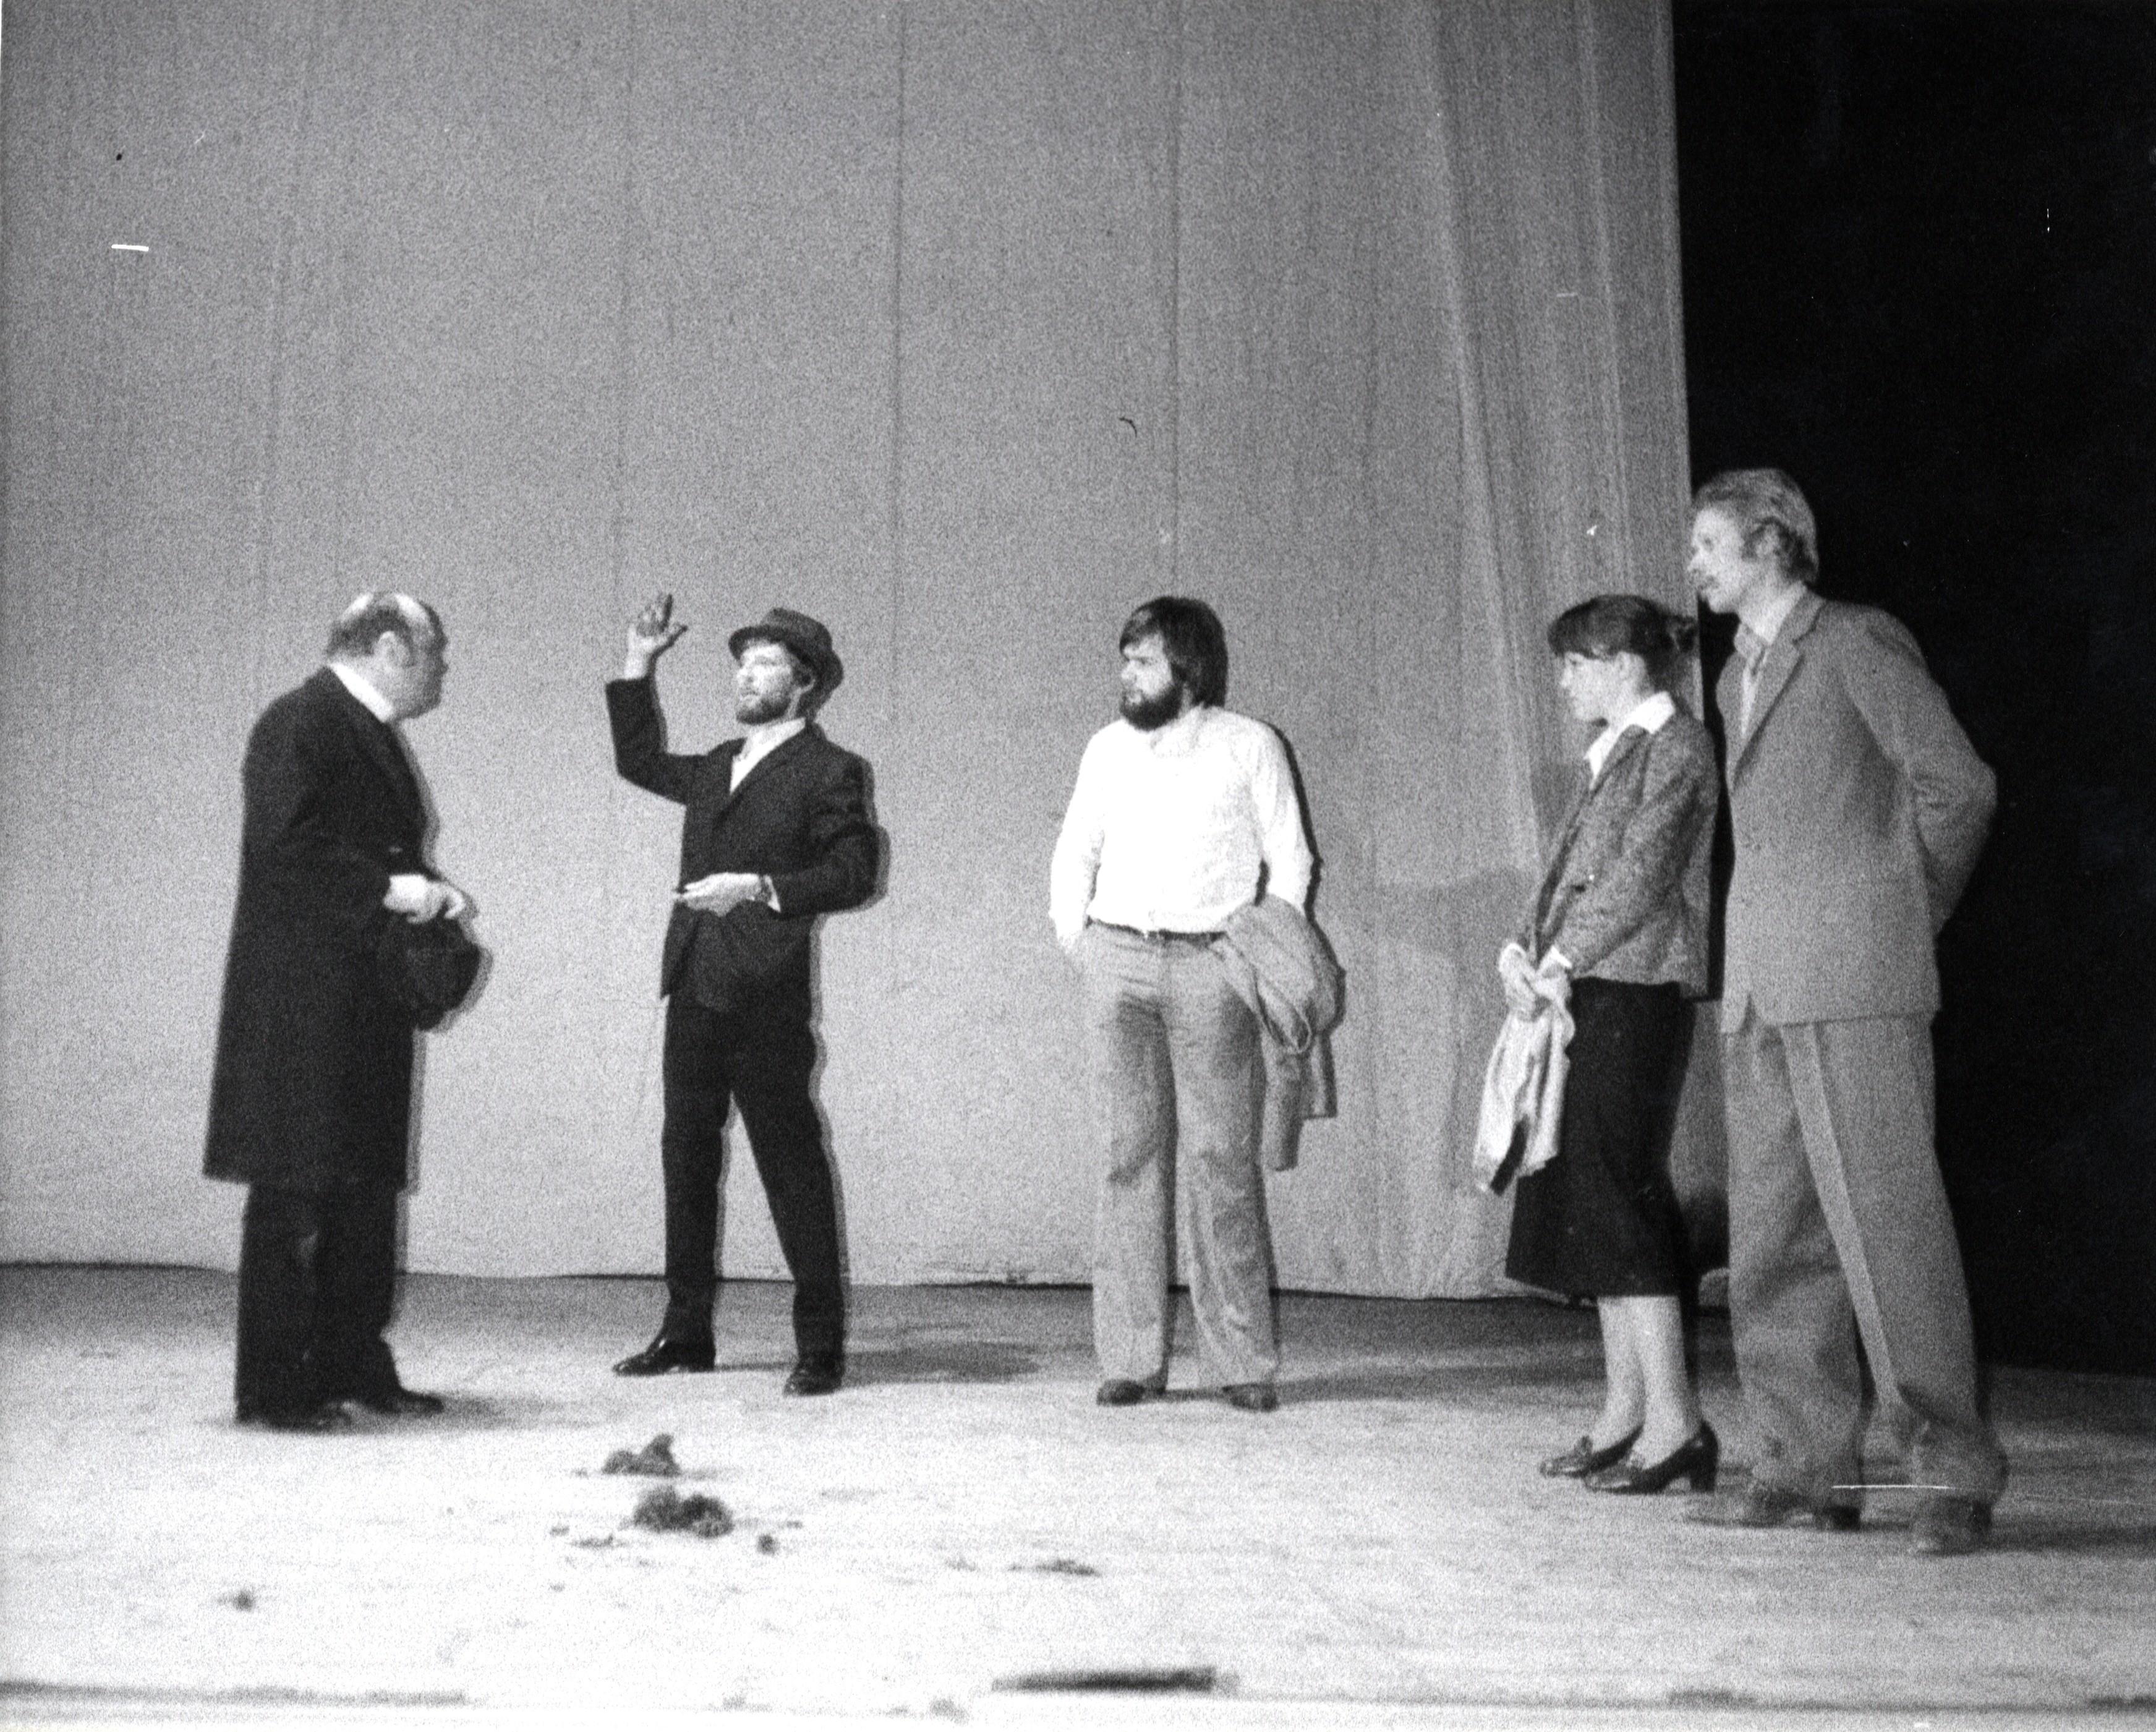 1980 - Kaplan Martin Cedermaz